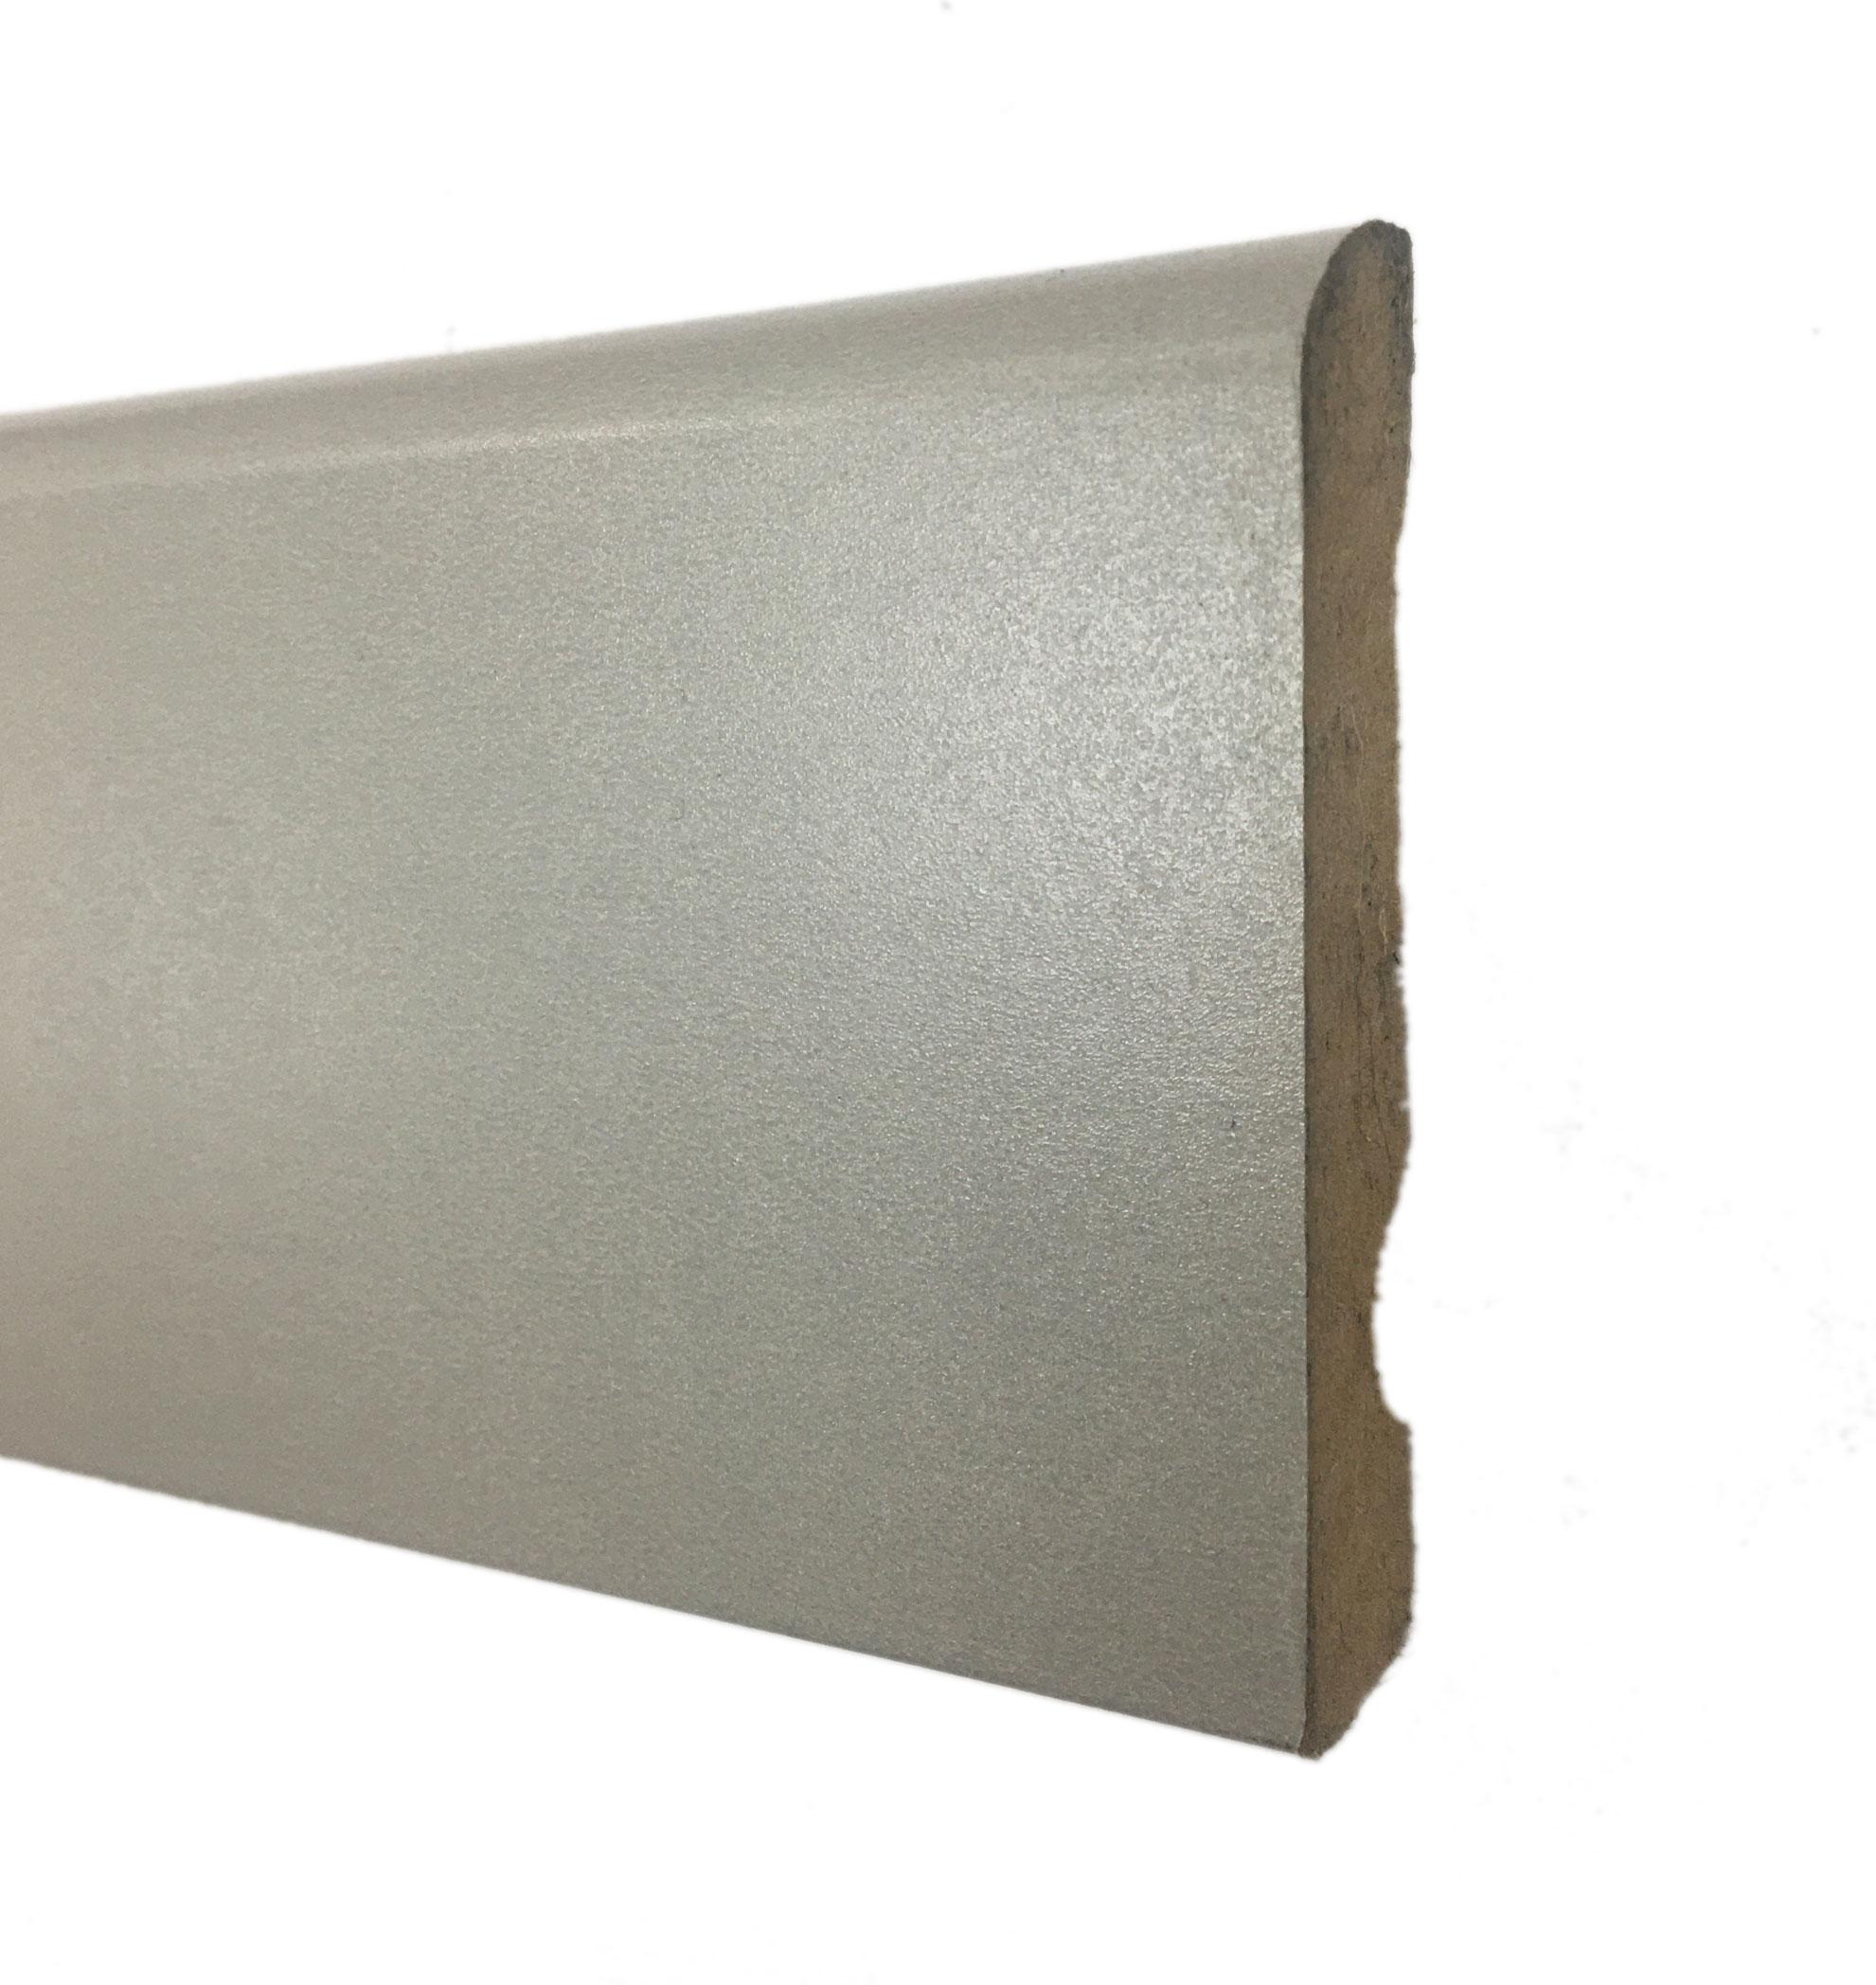 Plinthe de haute qualite - Plinthe mdf grise 70x12 - 0964